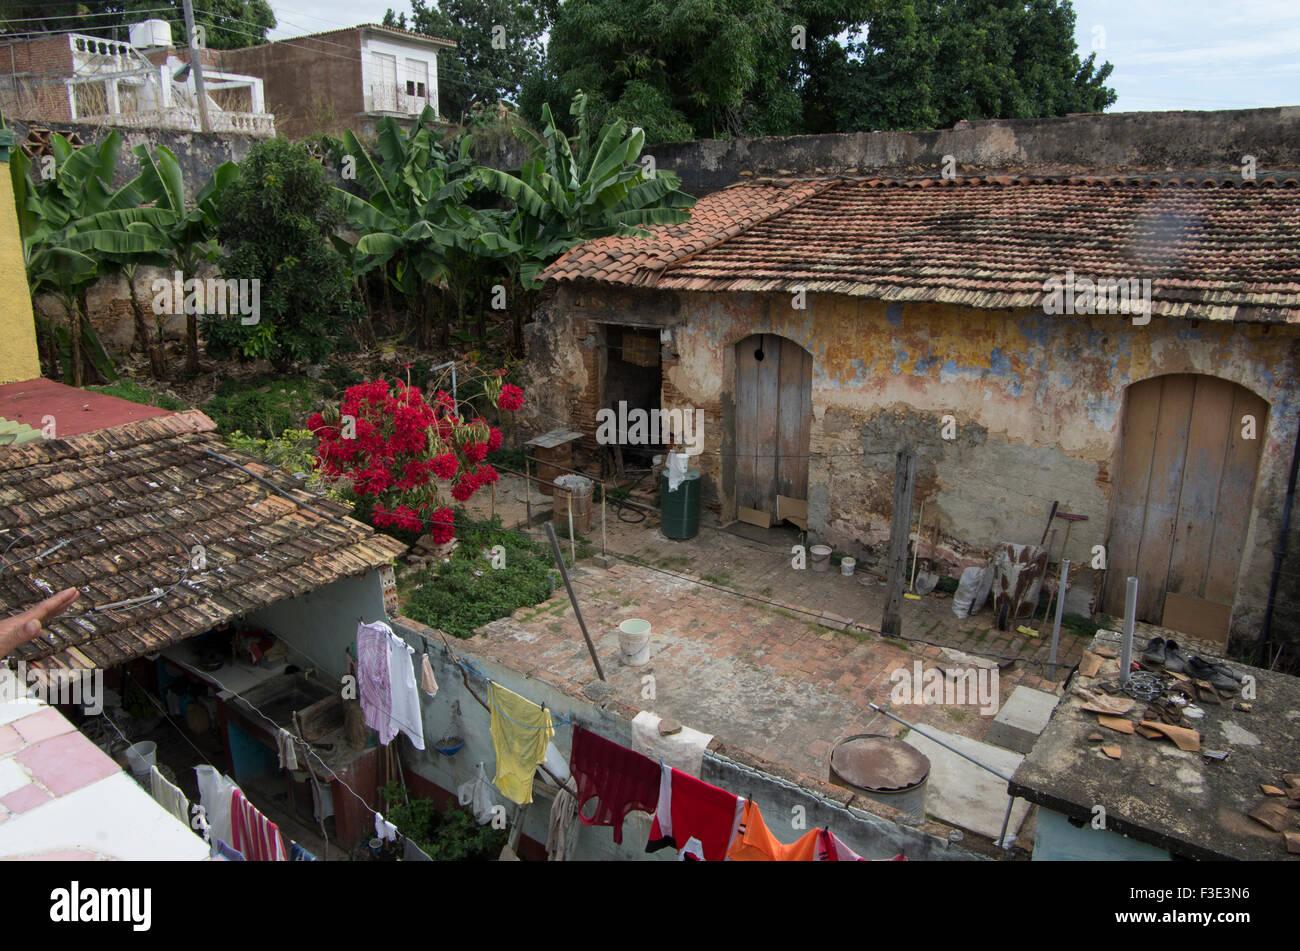 Jardín con ropa colgando en Trinidad, una ciudad en el centro de Cuba, ubicado en la provincia de Sancti Spiritus Foto de stock